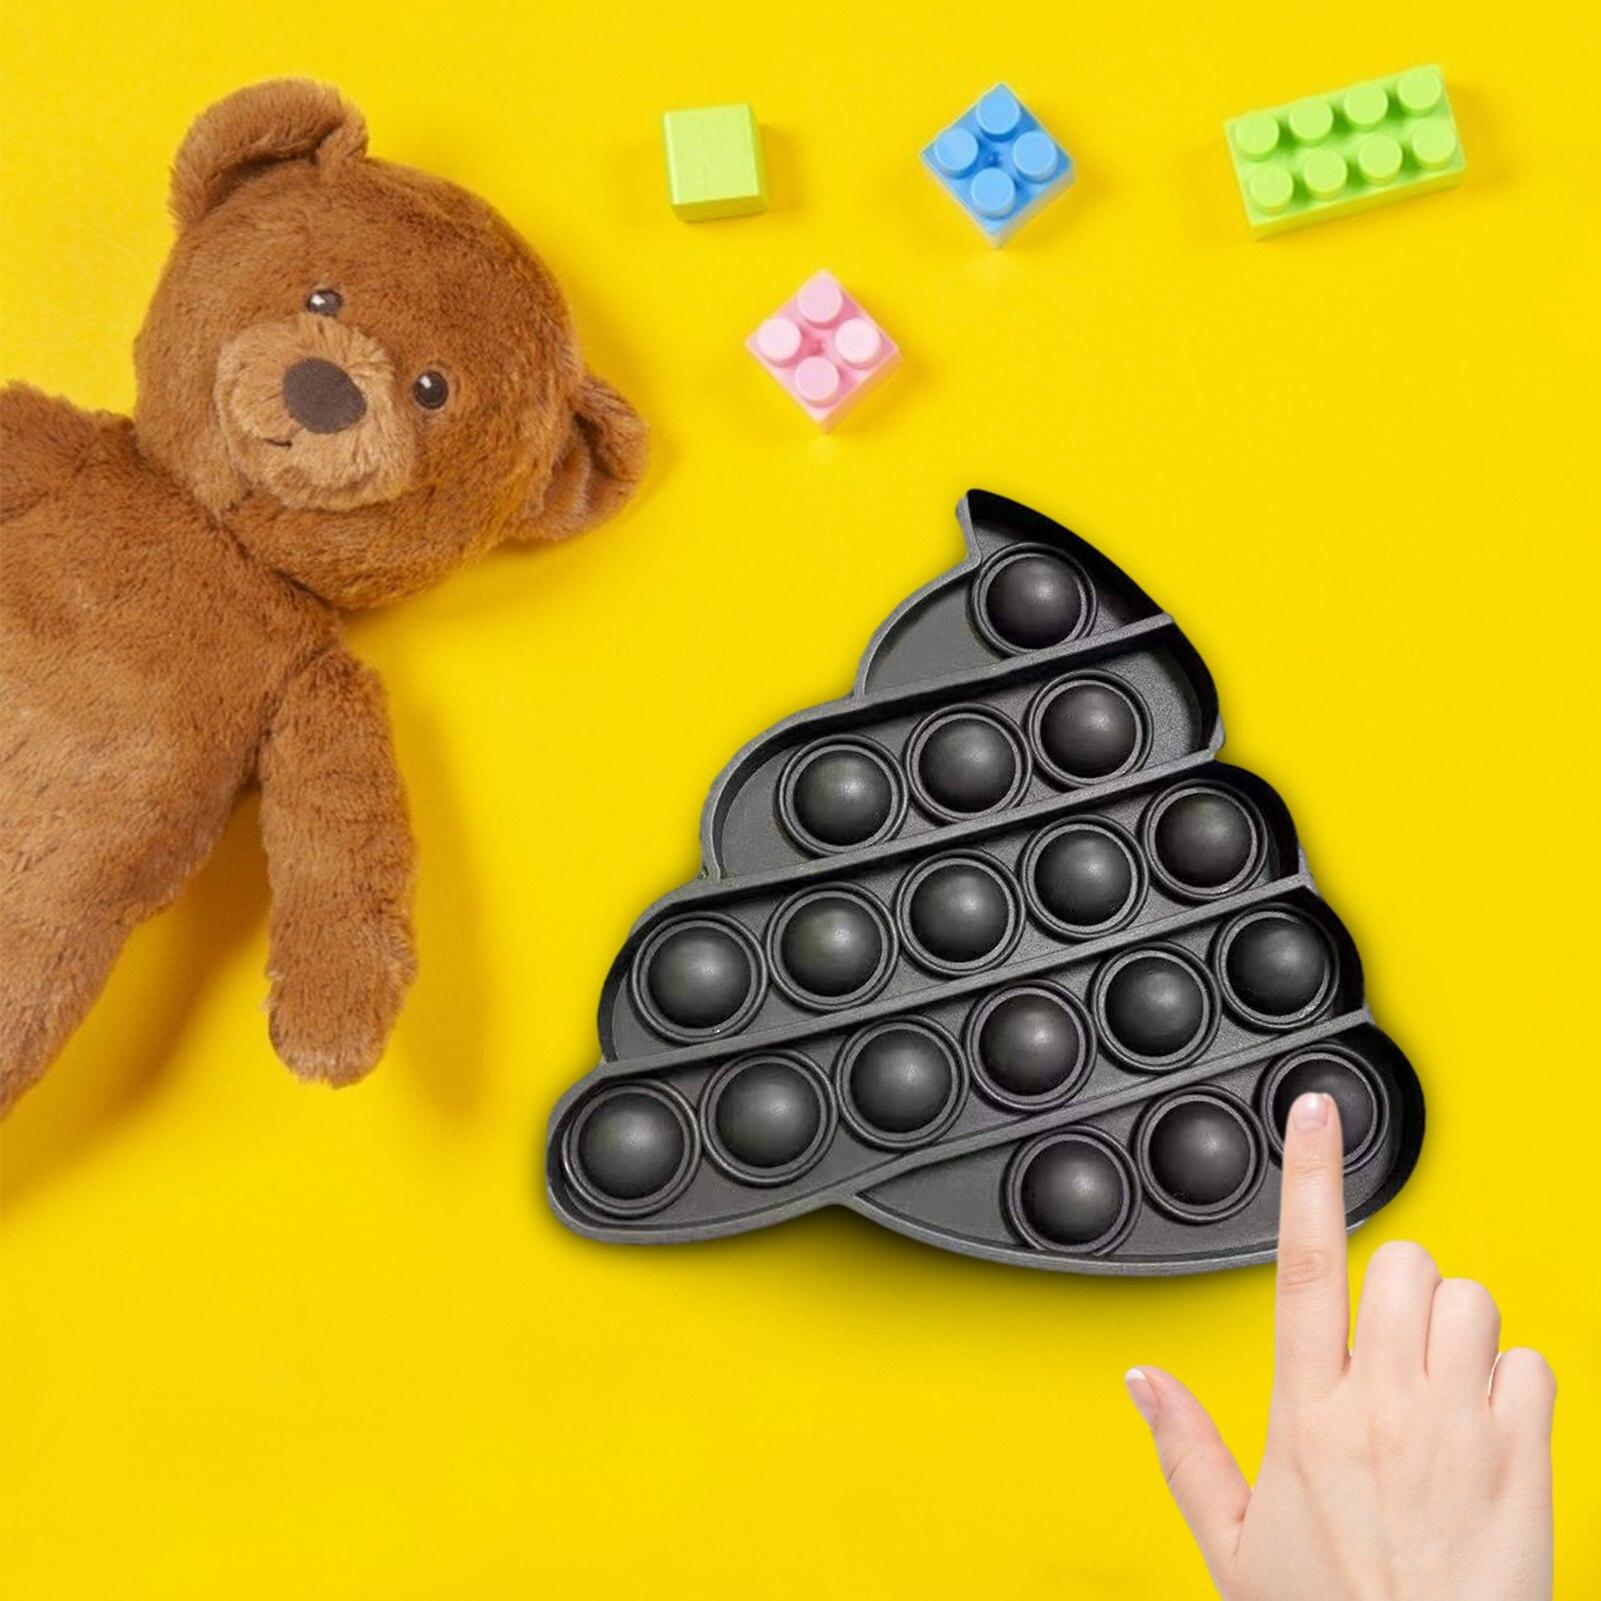 pop it ice cream board fidget toys 7117 - Wacky Track